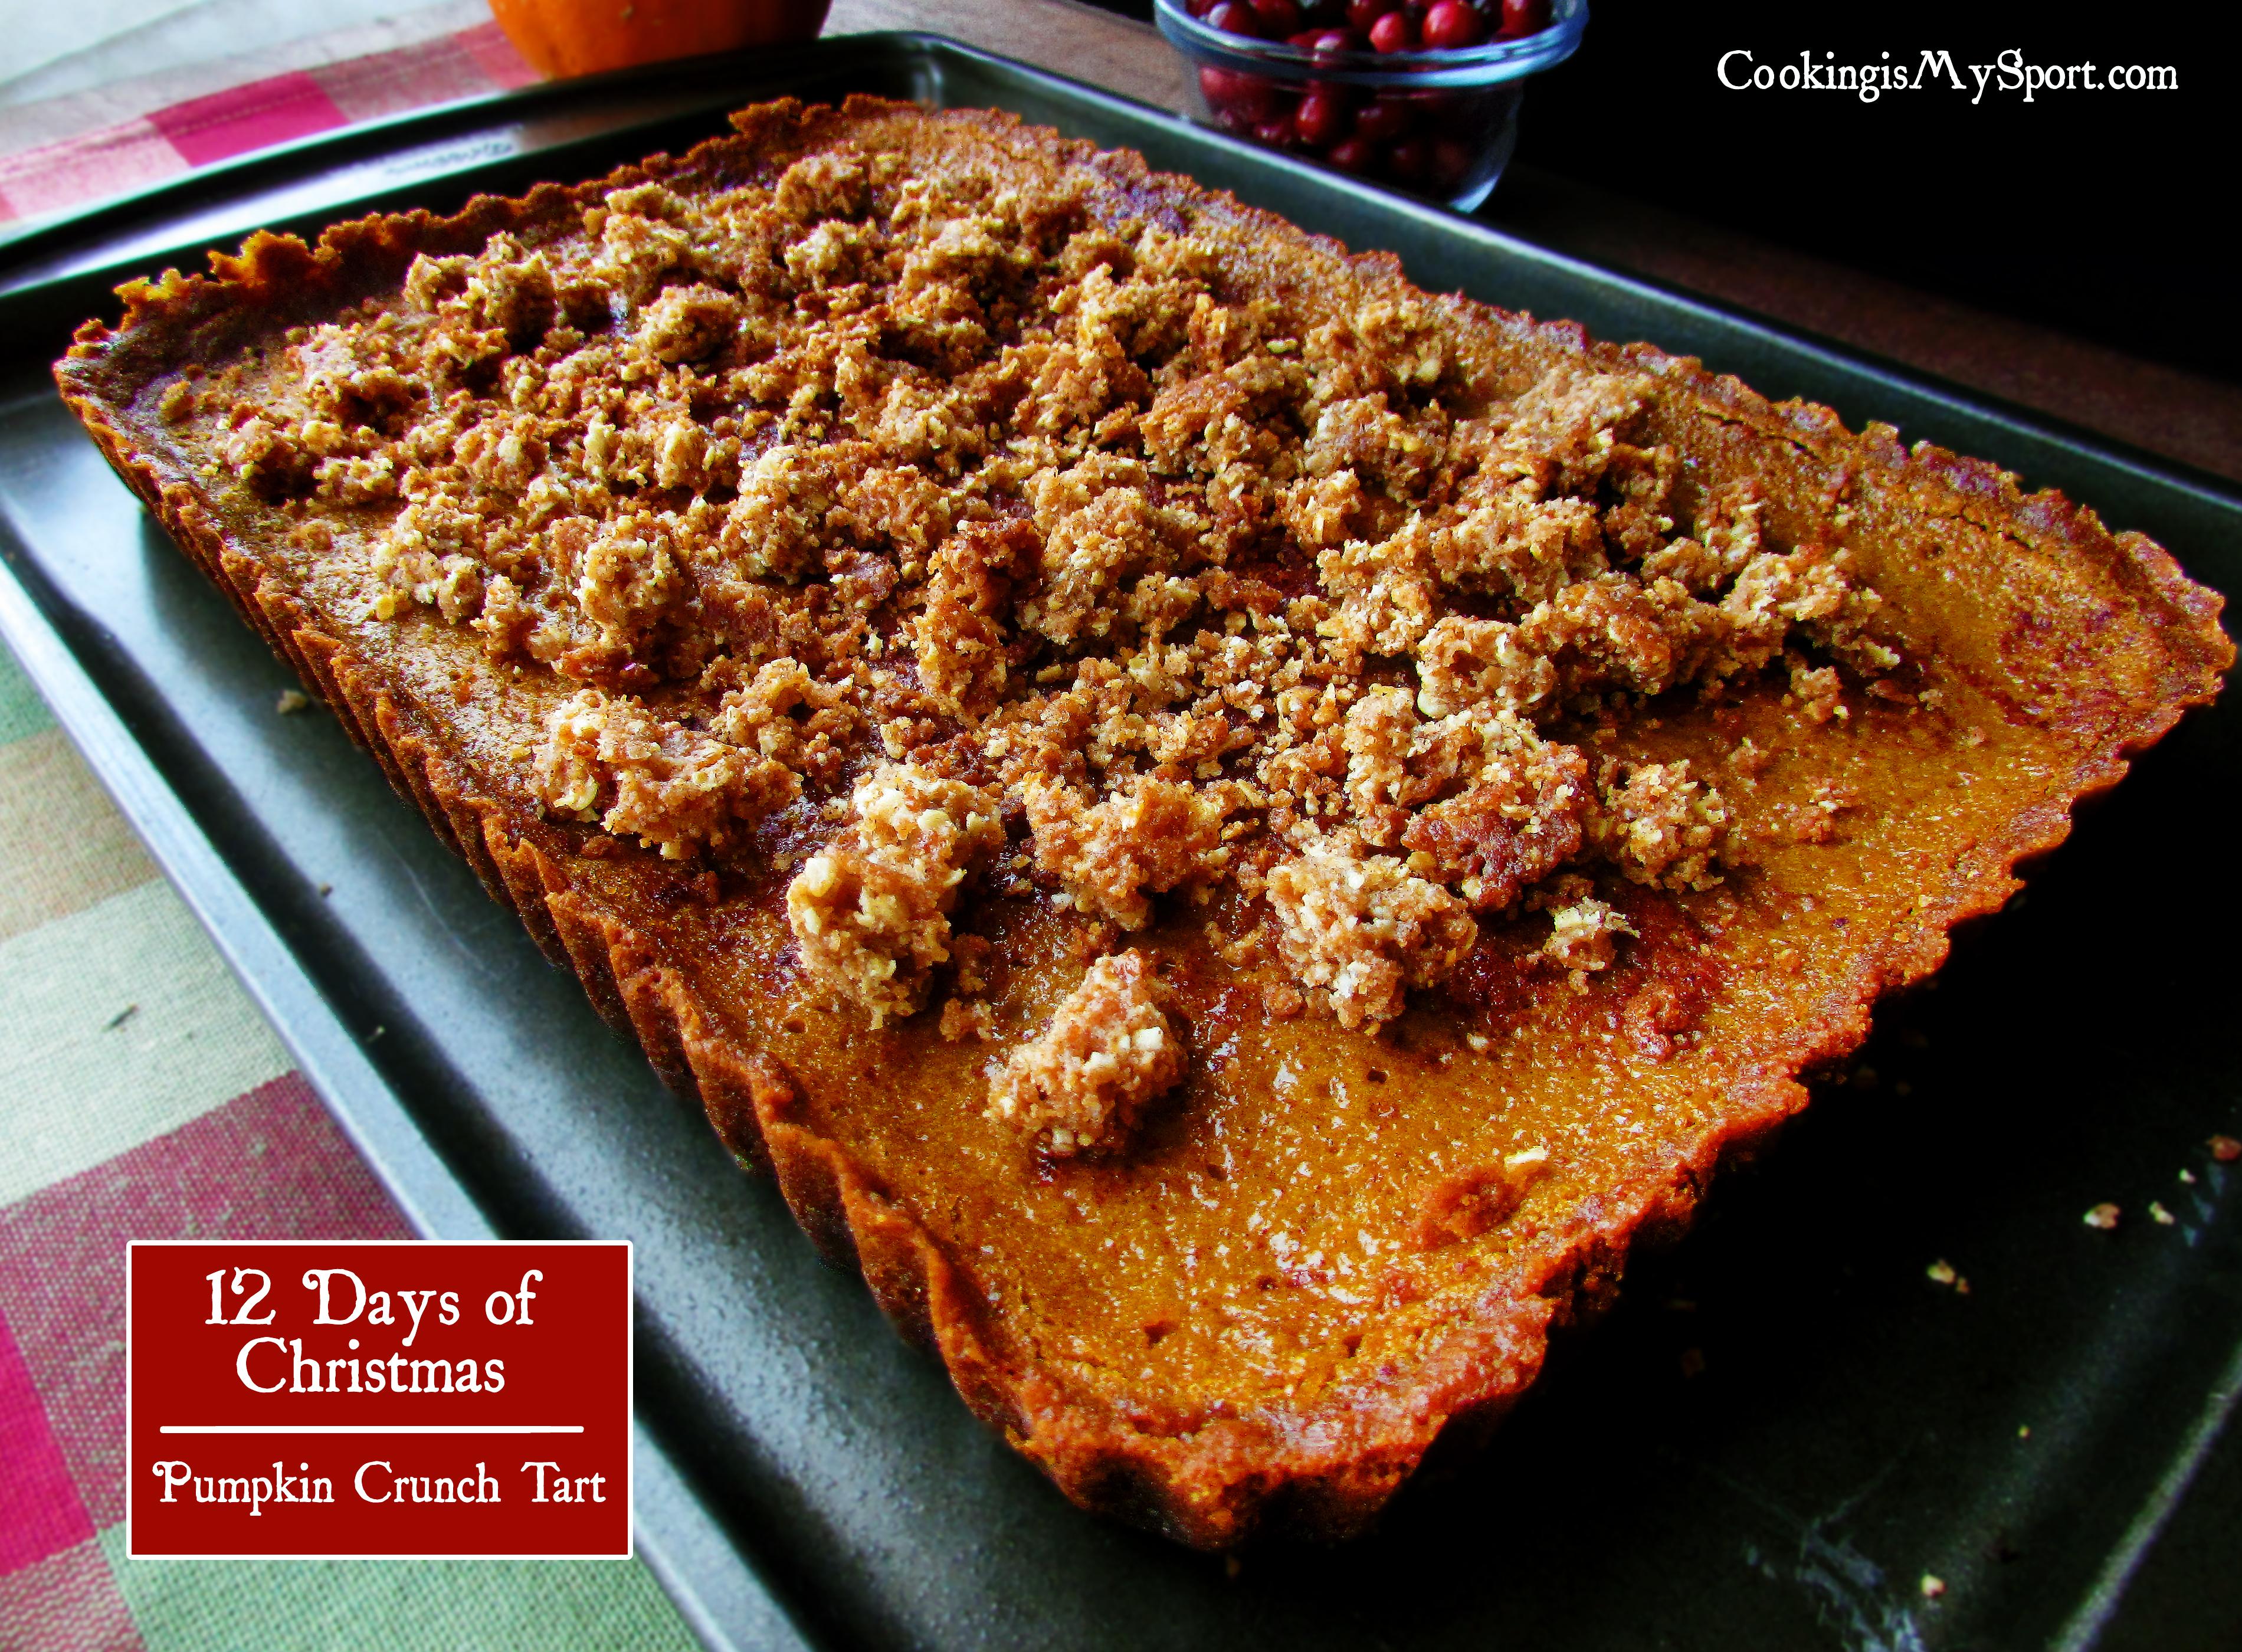 pumpkin-crunch-tart1